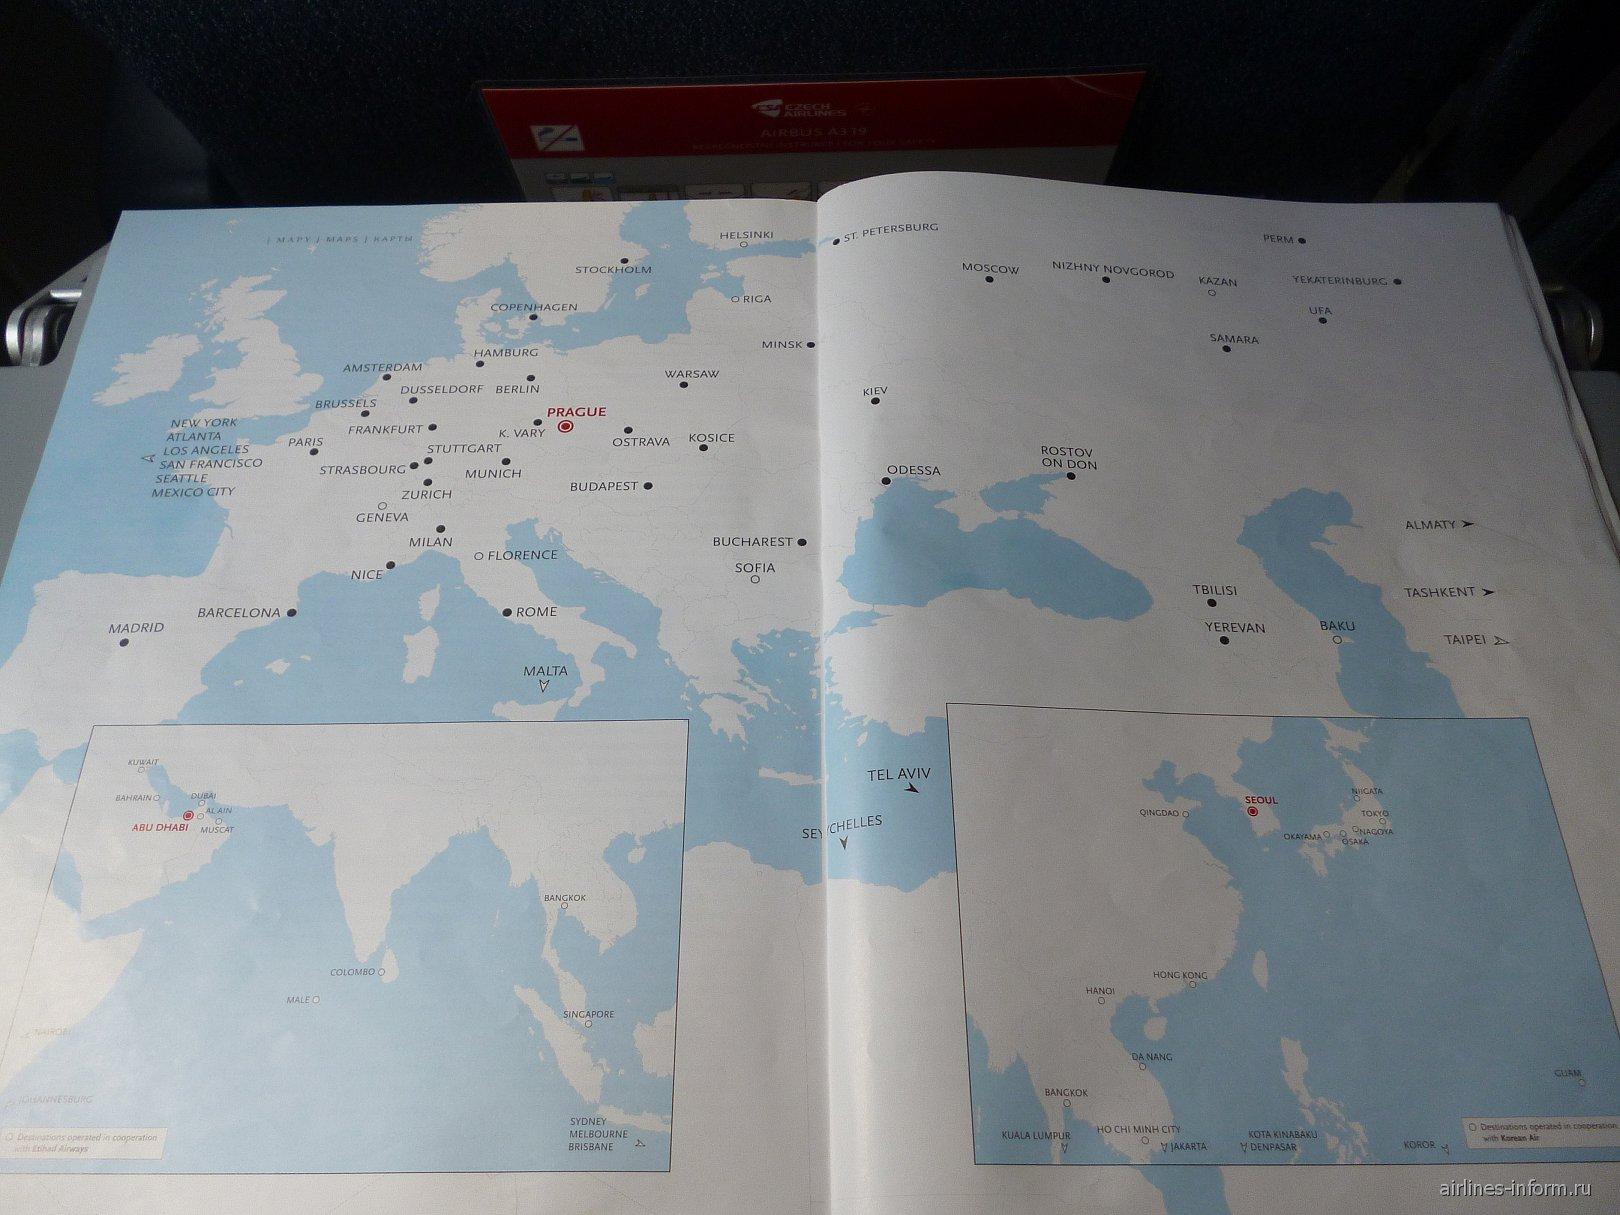 Журнал для пассажиров Чешских авиалиний